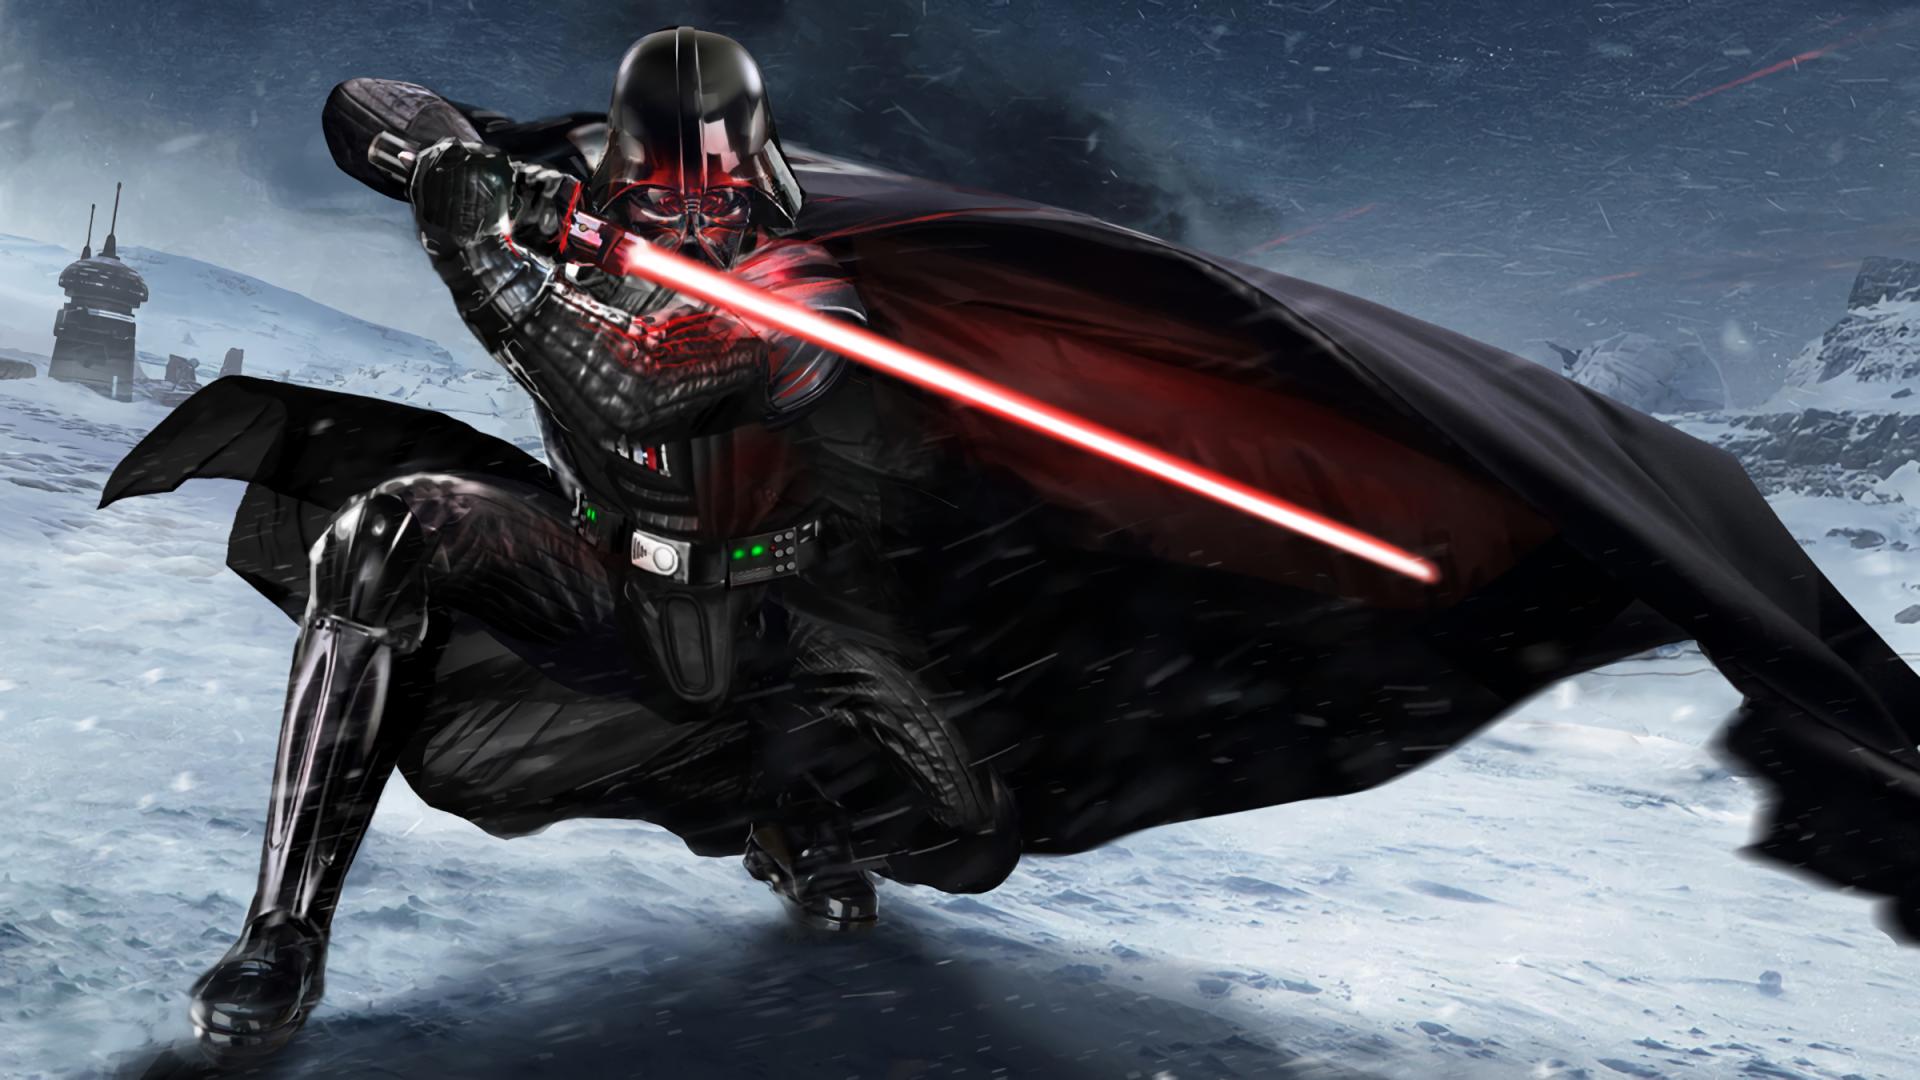 La Guerra De Las Galaxias Fondo De Pantalla HD